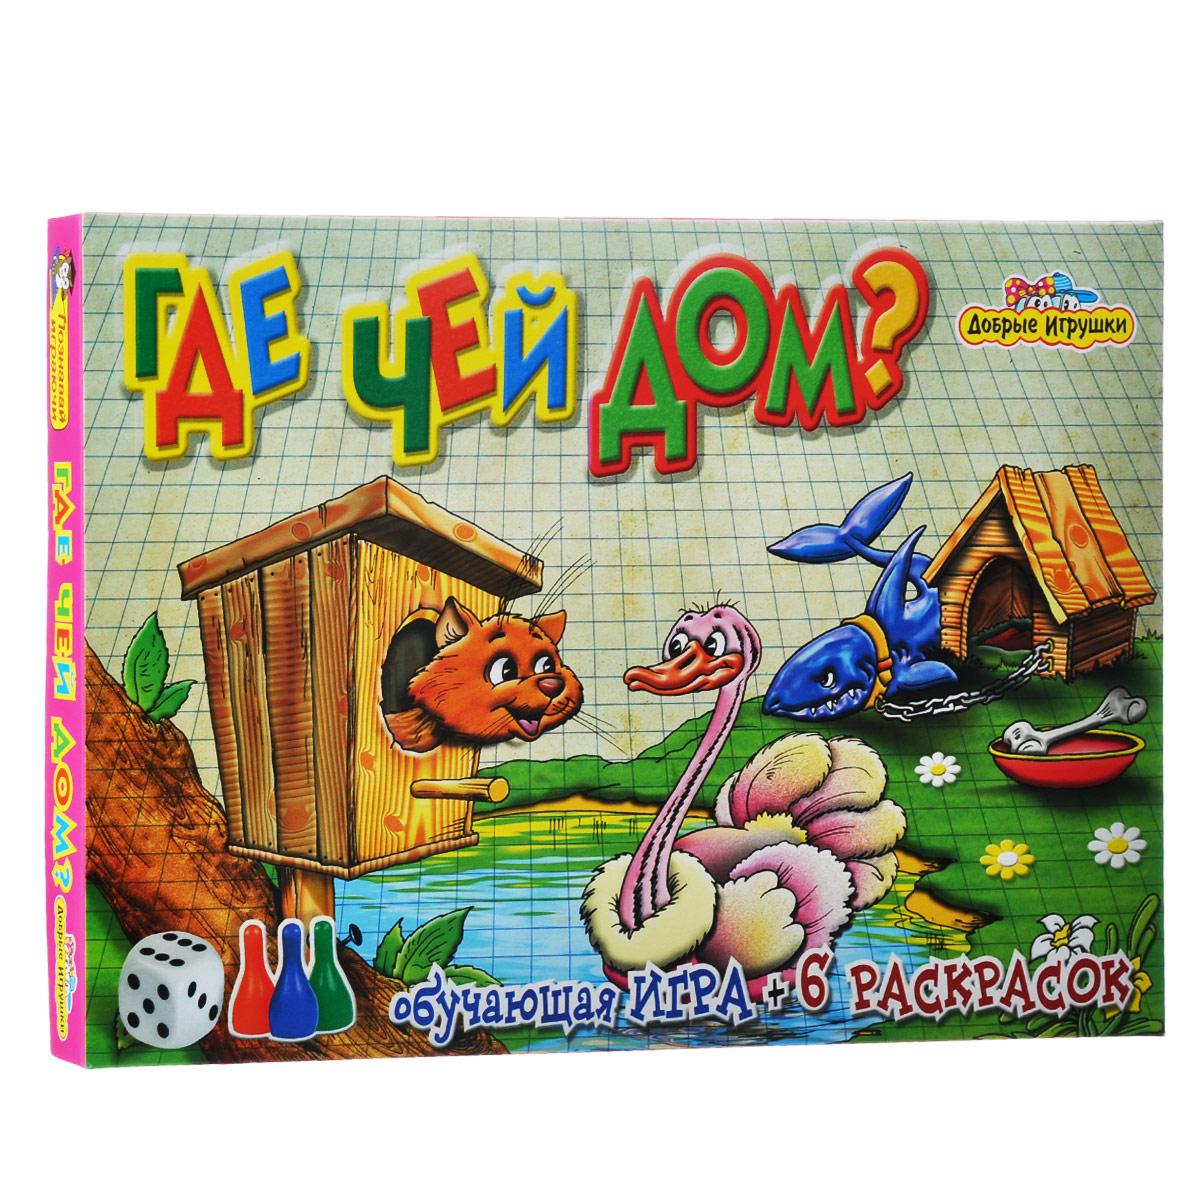 Набор для творчества Добрые Игрушки Где чей дом: игра, 6 раскрасок0335Набор для творчества Добрые Игрушки Где чей дом поможет малышу увлекательно и с пользой провести время. В набор входит: 6 раскрасок, правила игры, 4 карты-поля, 32 карточки. Игра научит различать домашних и диких животных, а также правильно определять их среду обитания. Такая игра поможет раскрыть творческий потенциал ребенка, создать атмосферу доверия и просто весело провести время.